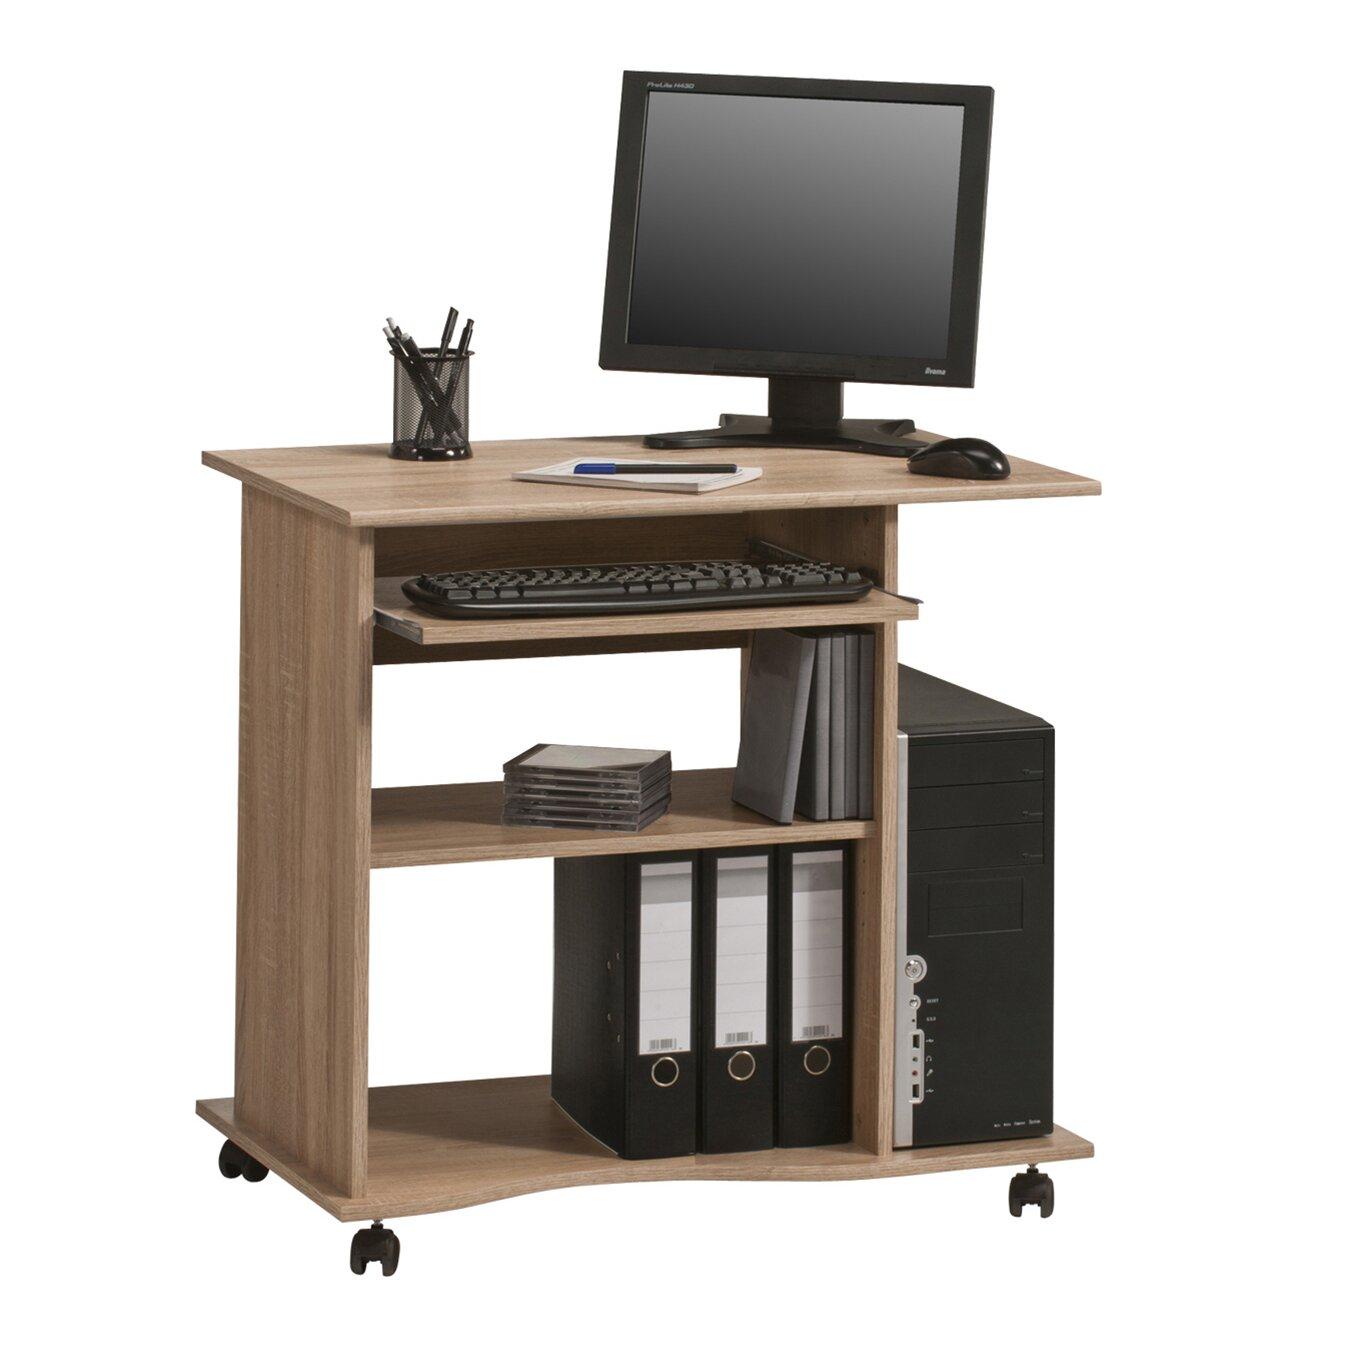 computertisch mit tastaturauszug von maja m bel. Black Bedroom Furniture Sets. Home Design Ideas